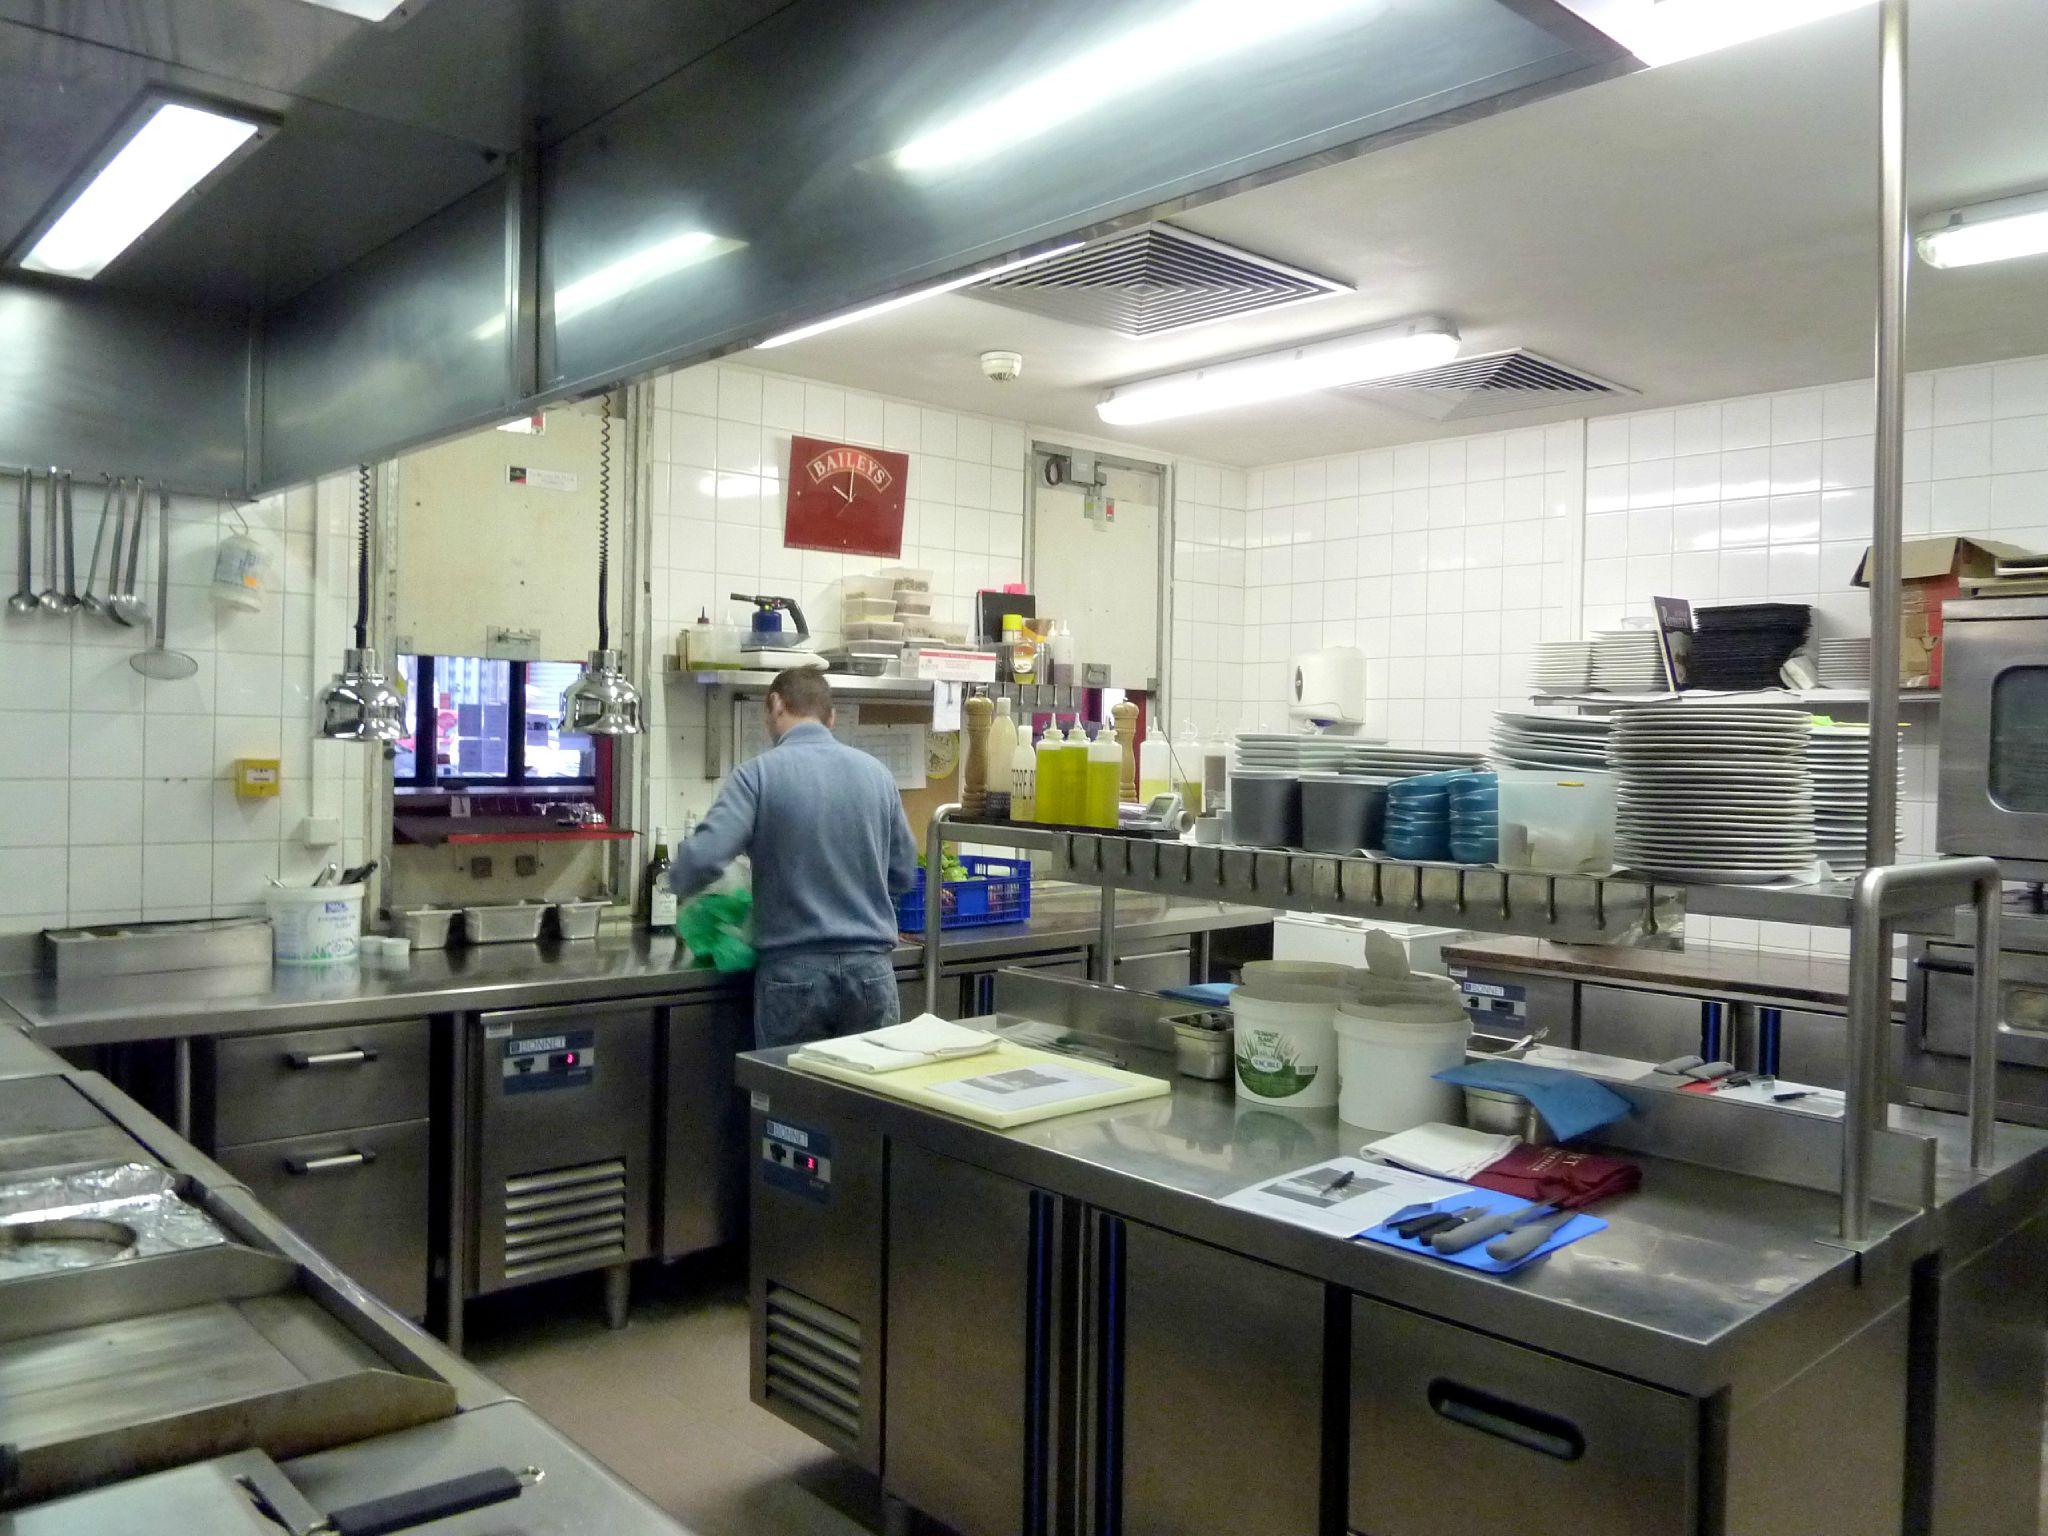 Agencement Cuisine Professionnelle Norme